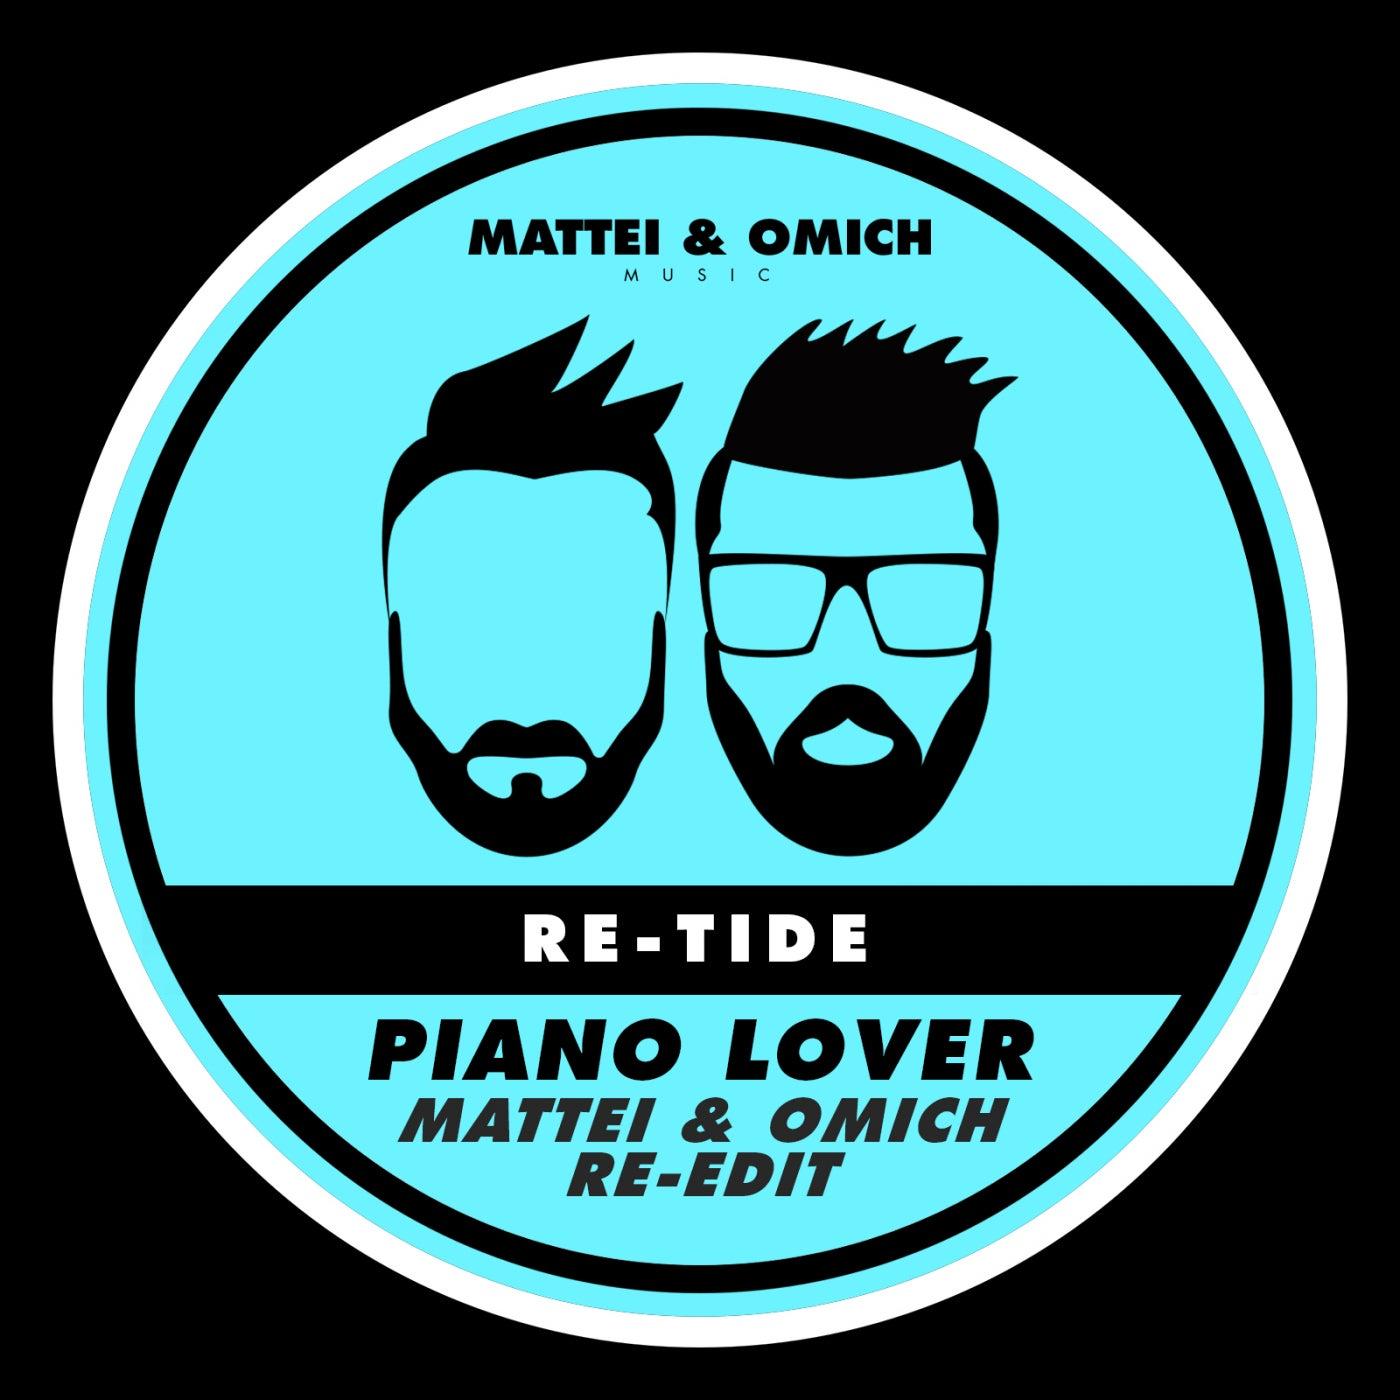 Piano Lover (Mattei & Omich Re-Edit)